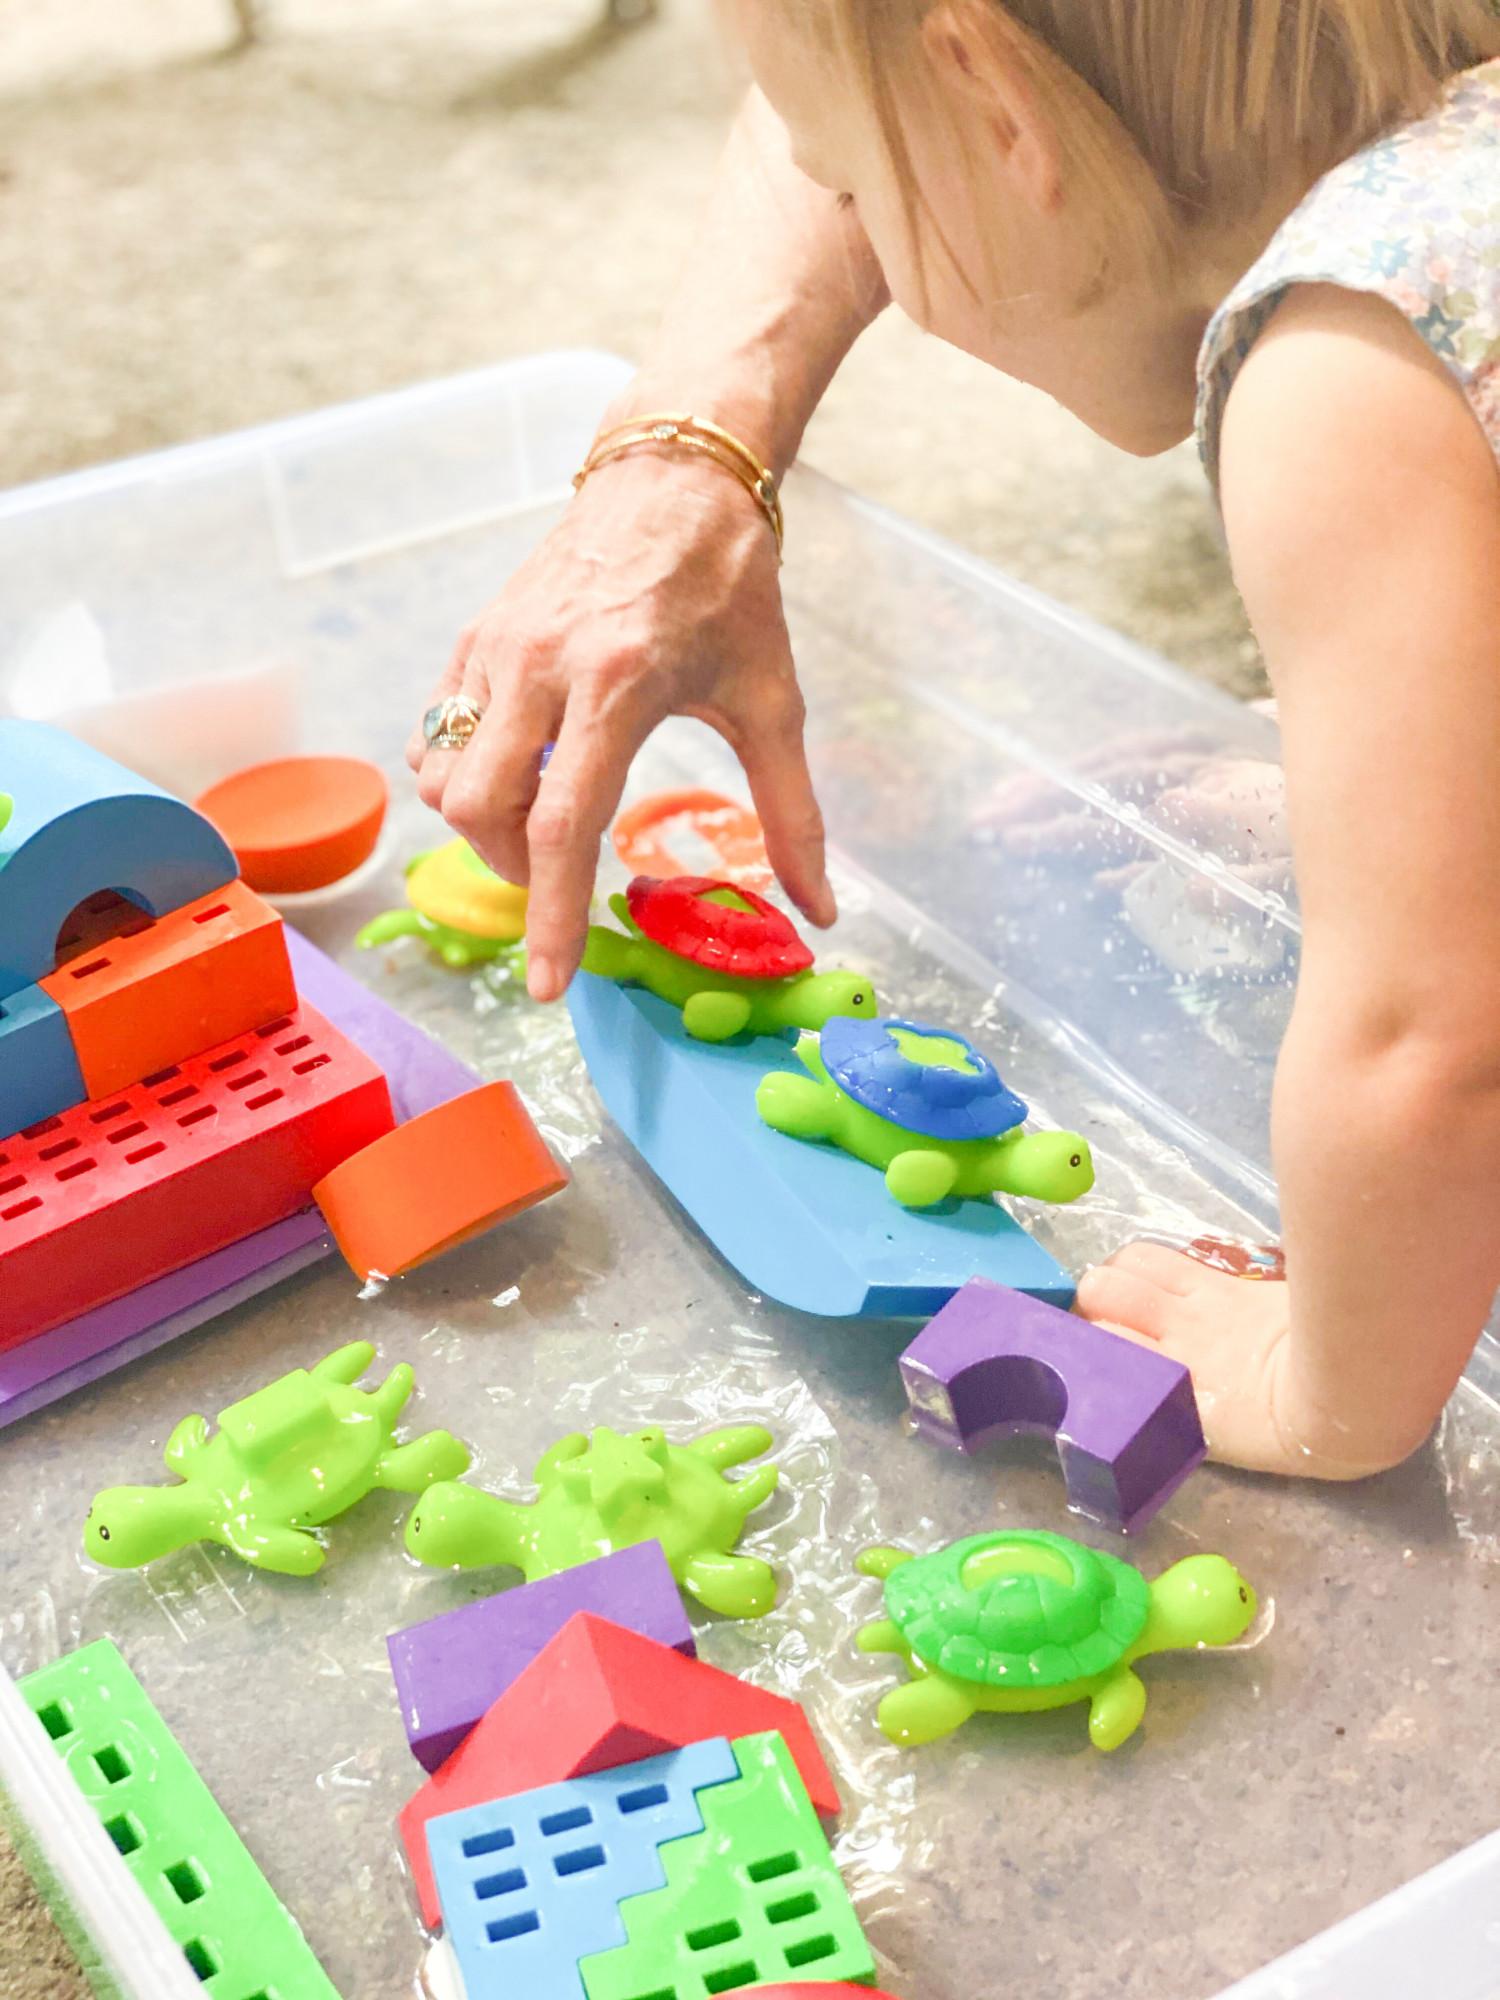 Des jouets à eau amusants et éducatifs pour les tout-petits et les enfants d'âge préscolaire ! | Dites-le, donnez 2